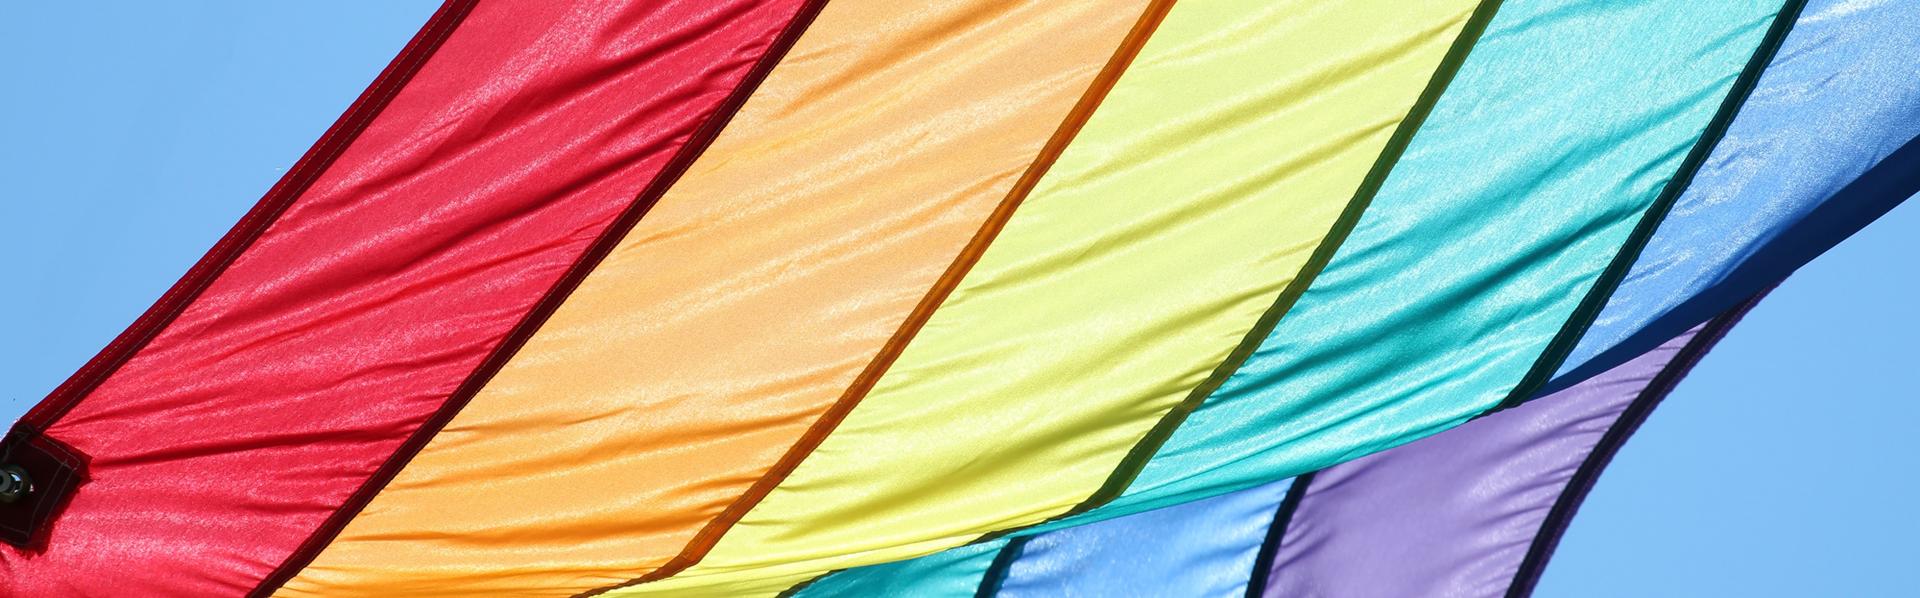 Dossier homosexualité de RTS Découverte [Christopher Bradshaw - Fotolia]